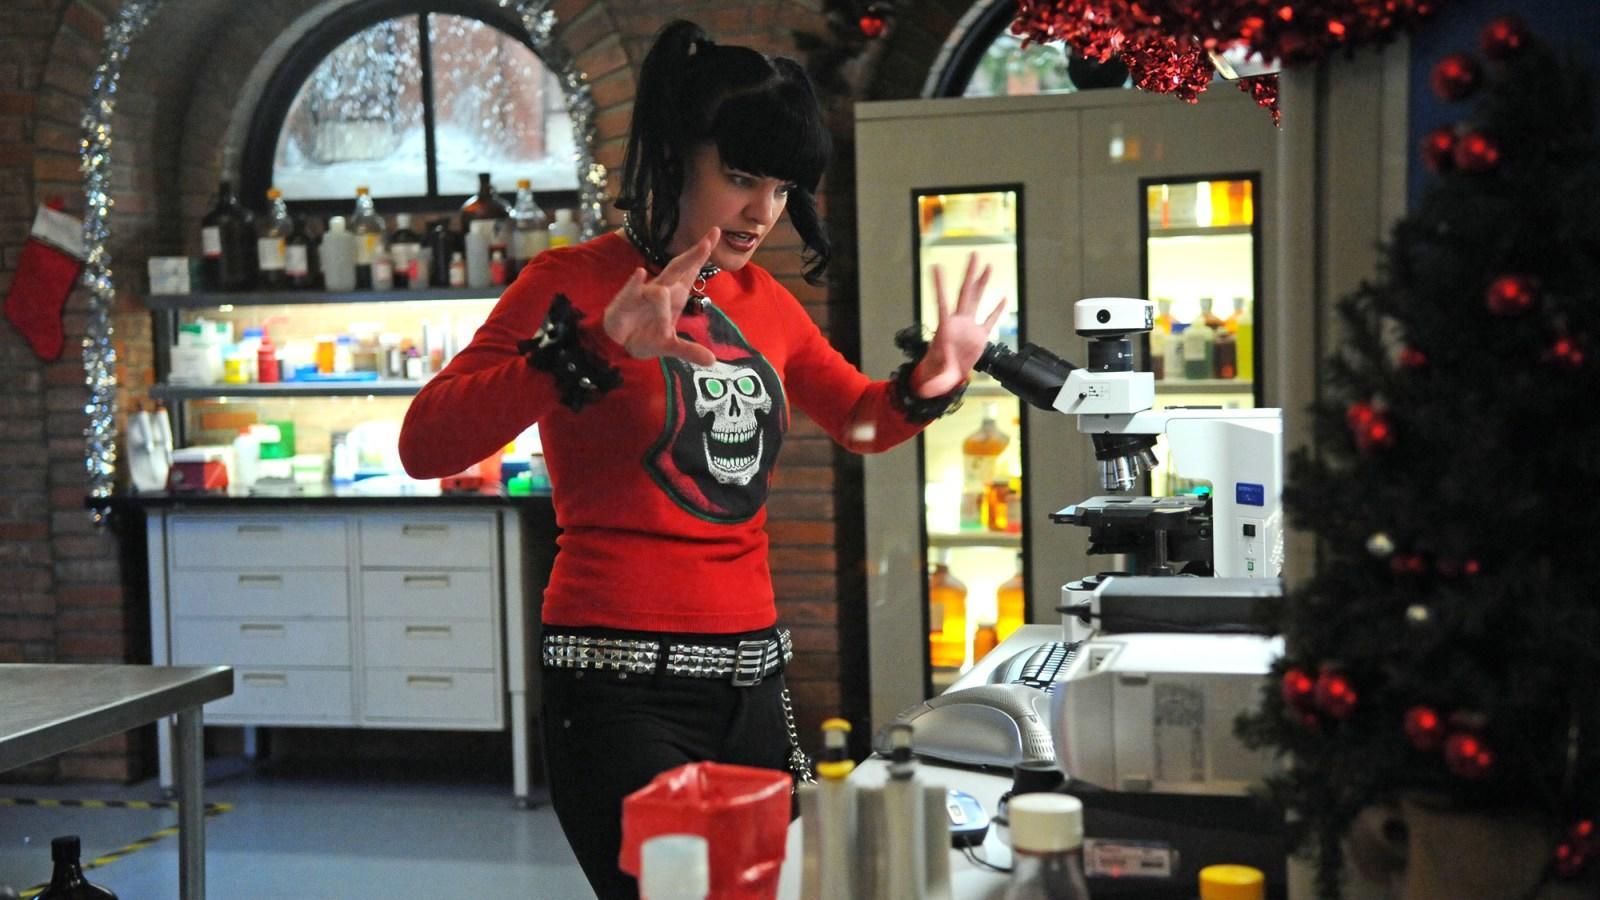 Perrette és Good is úgy véli, jó, ha egy-egy ruhaköltemény többször is feltűnik a sorozatban. Ez a karácsonyi pulcsi például minden évadban visszatér. (CBS)